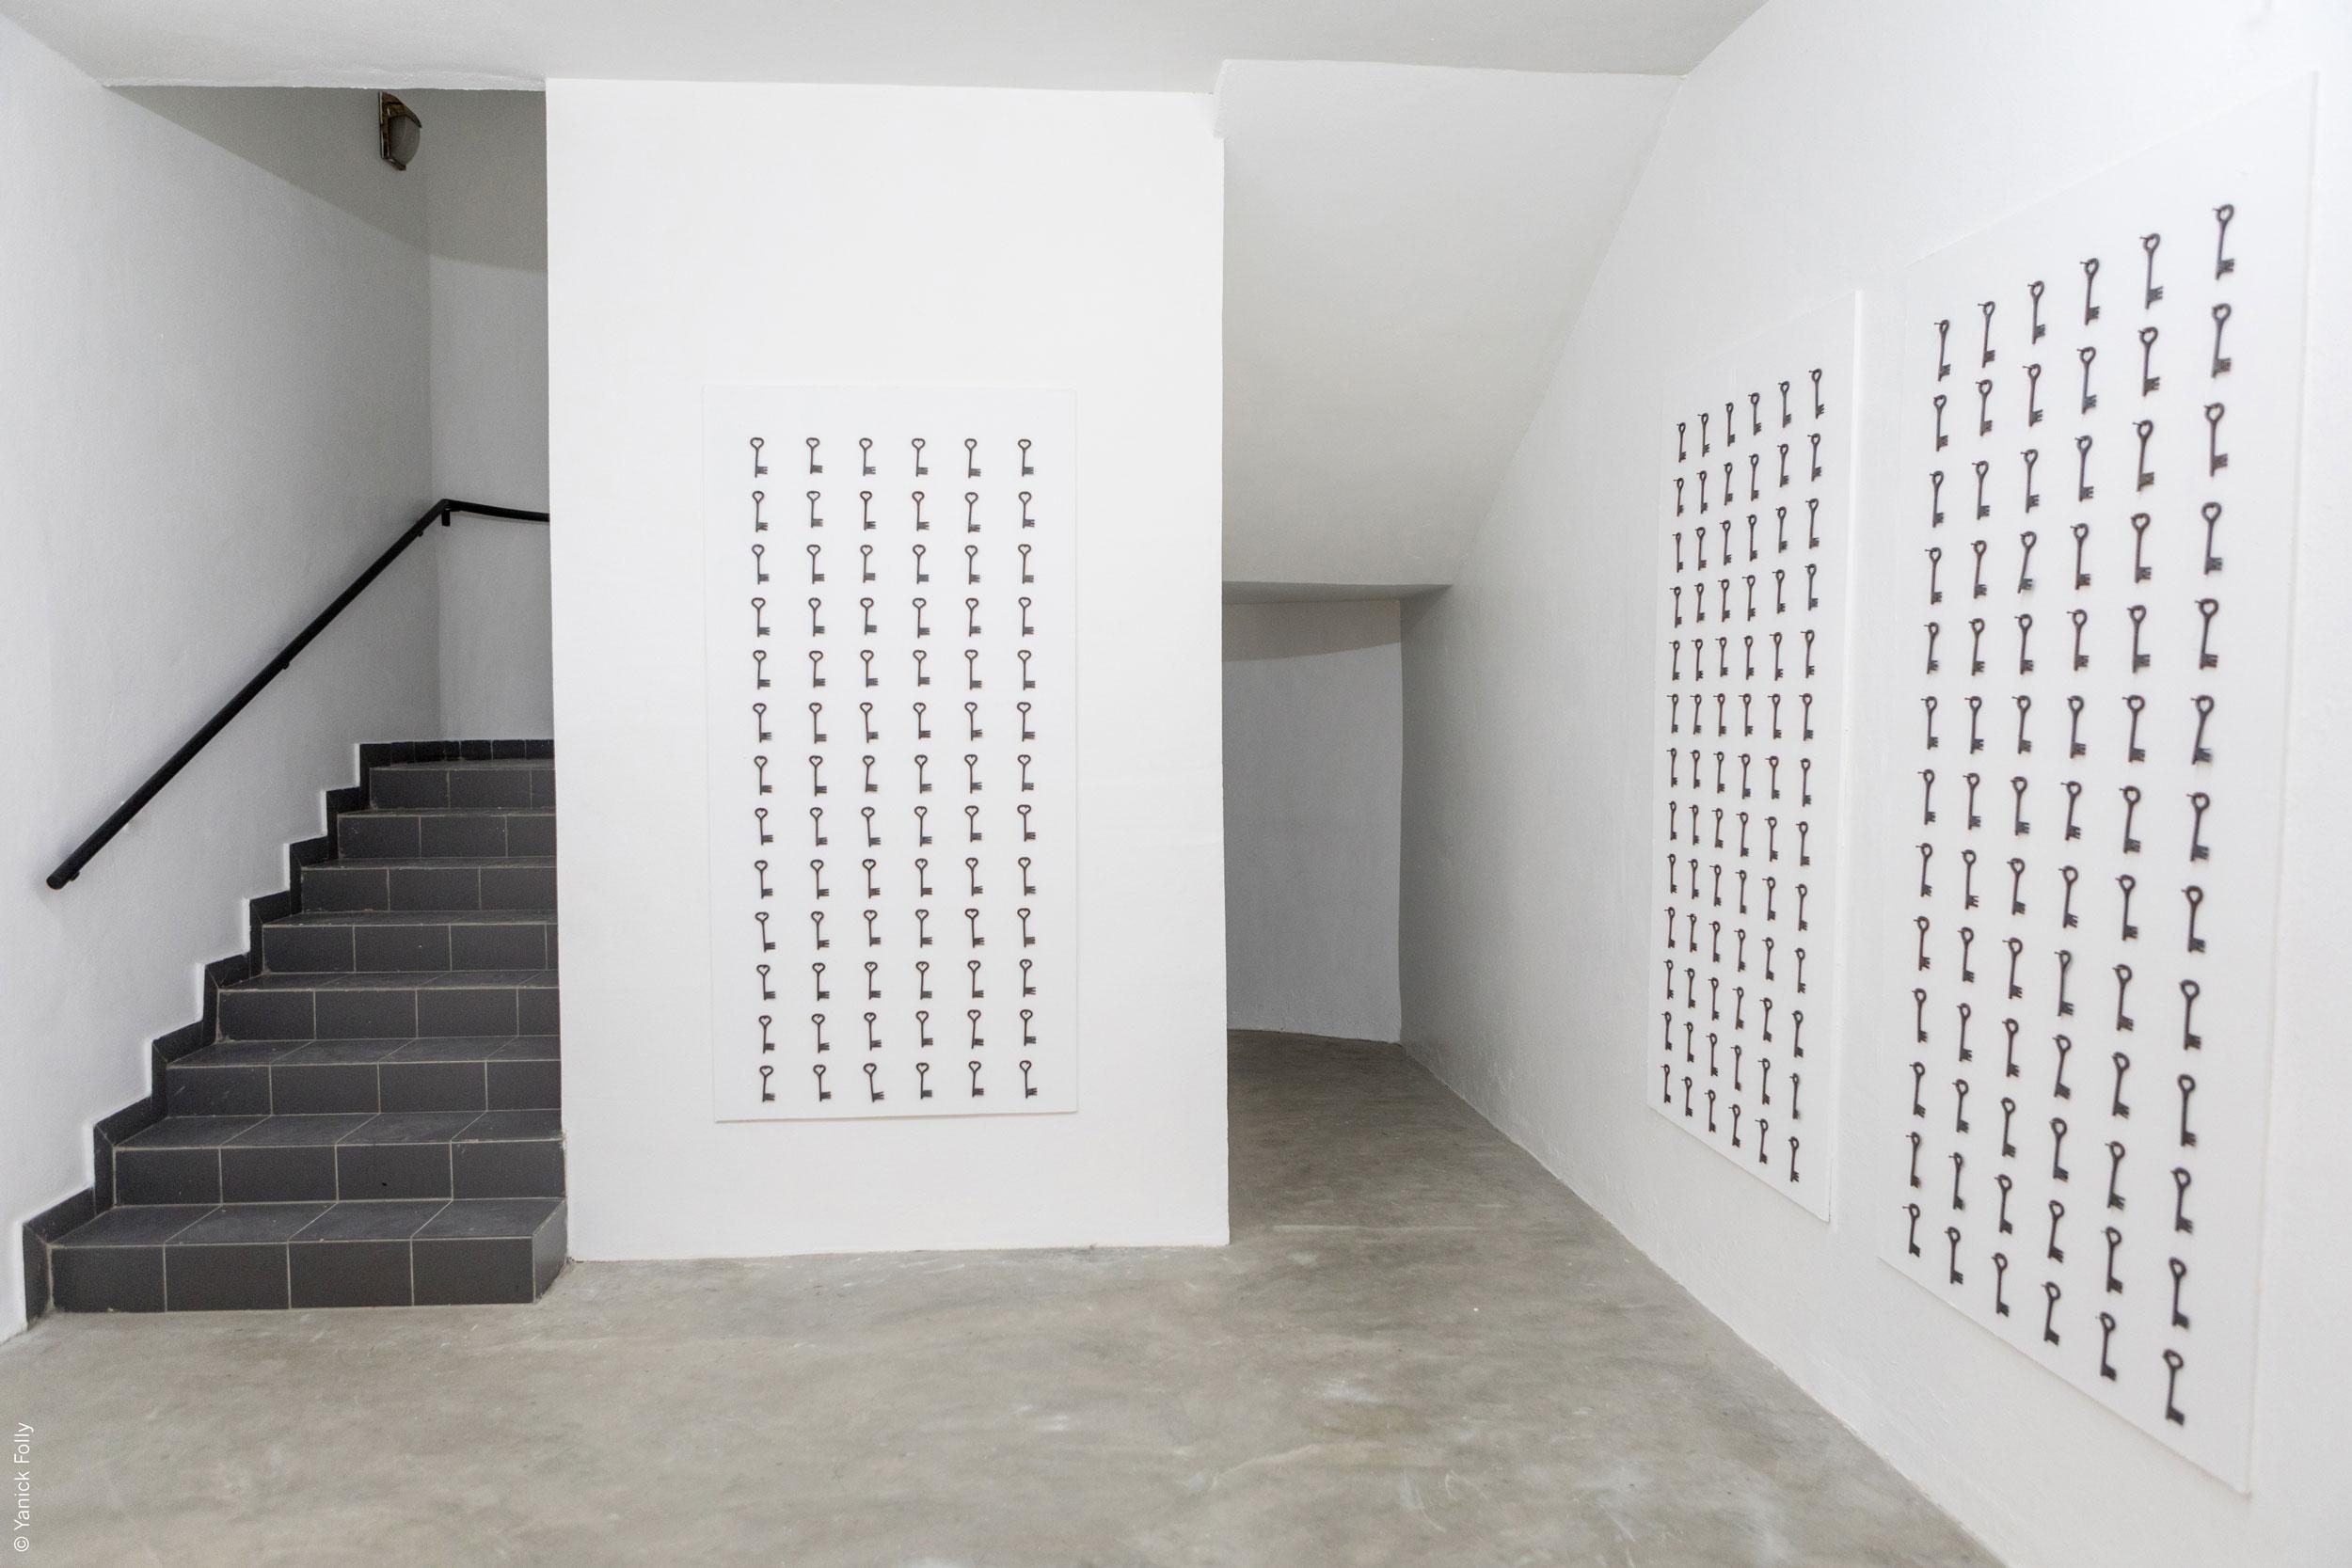 Joël Andrianomearisoa, Les clefs de l'infini, 2017 © Fondation Zinsou